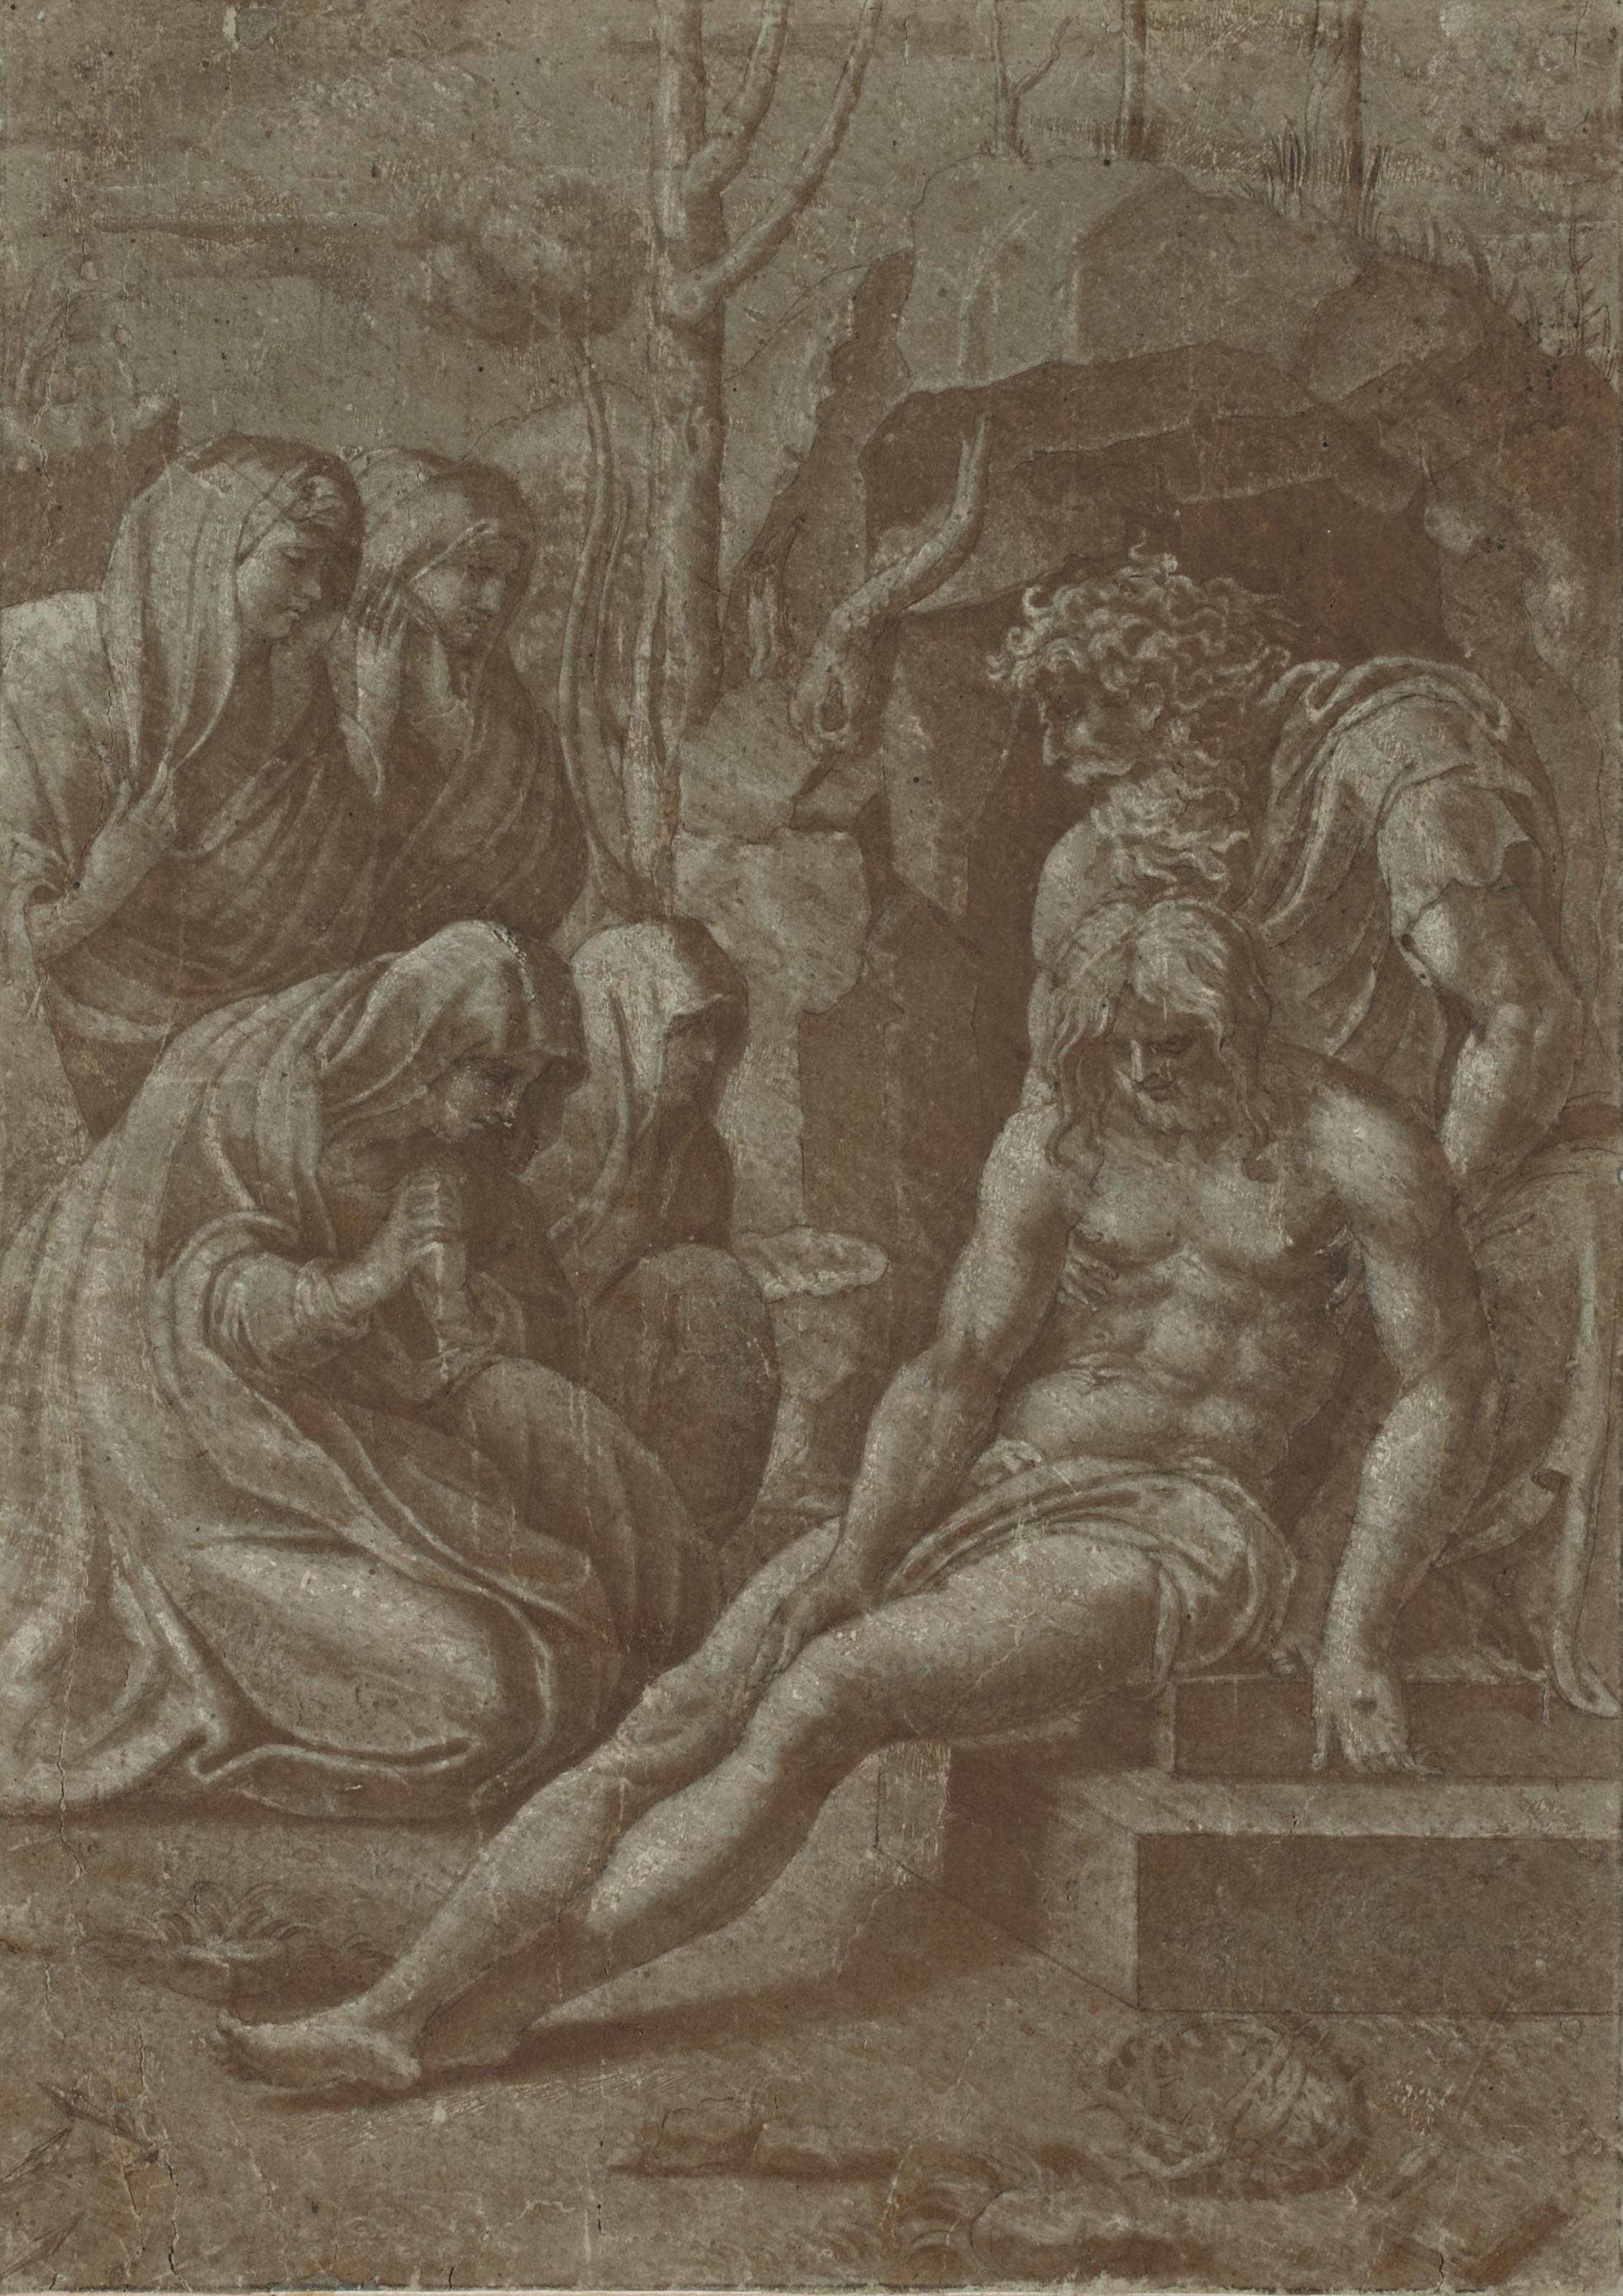 Le Christ au Saint Sépulcre